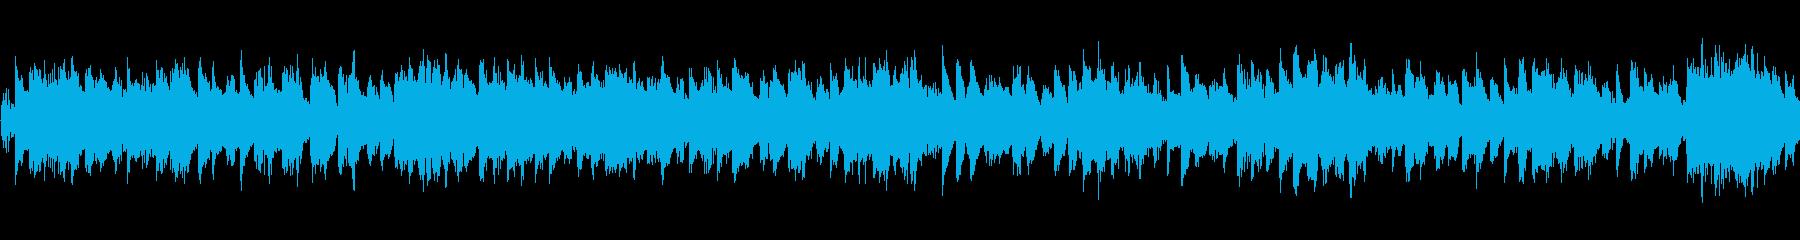 【ループ仕様】楽しいゲームBGMに最適…の再生済みの波形